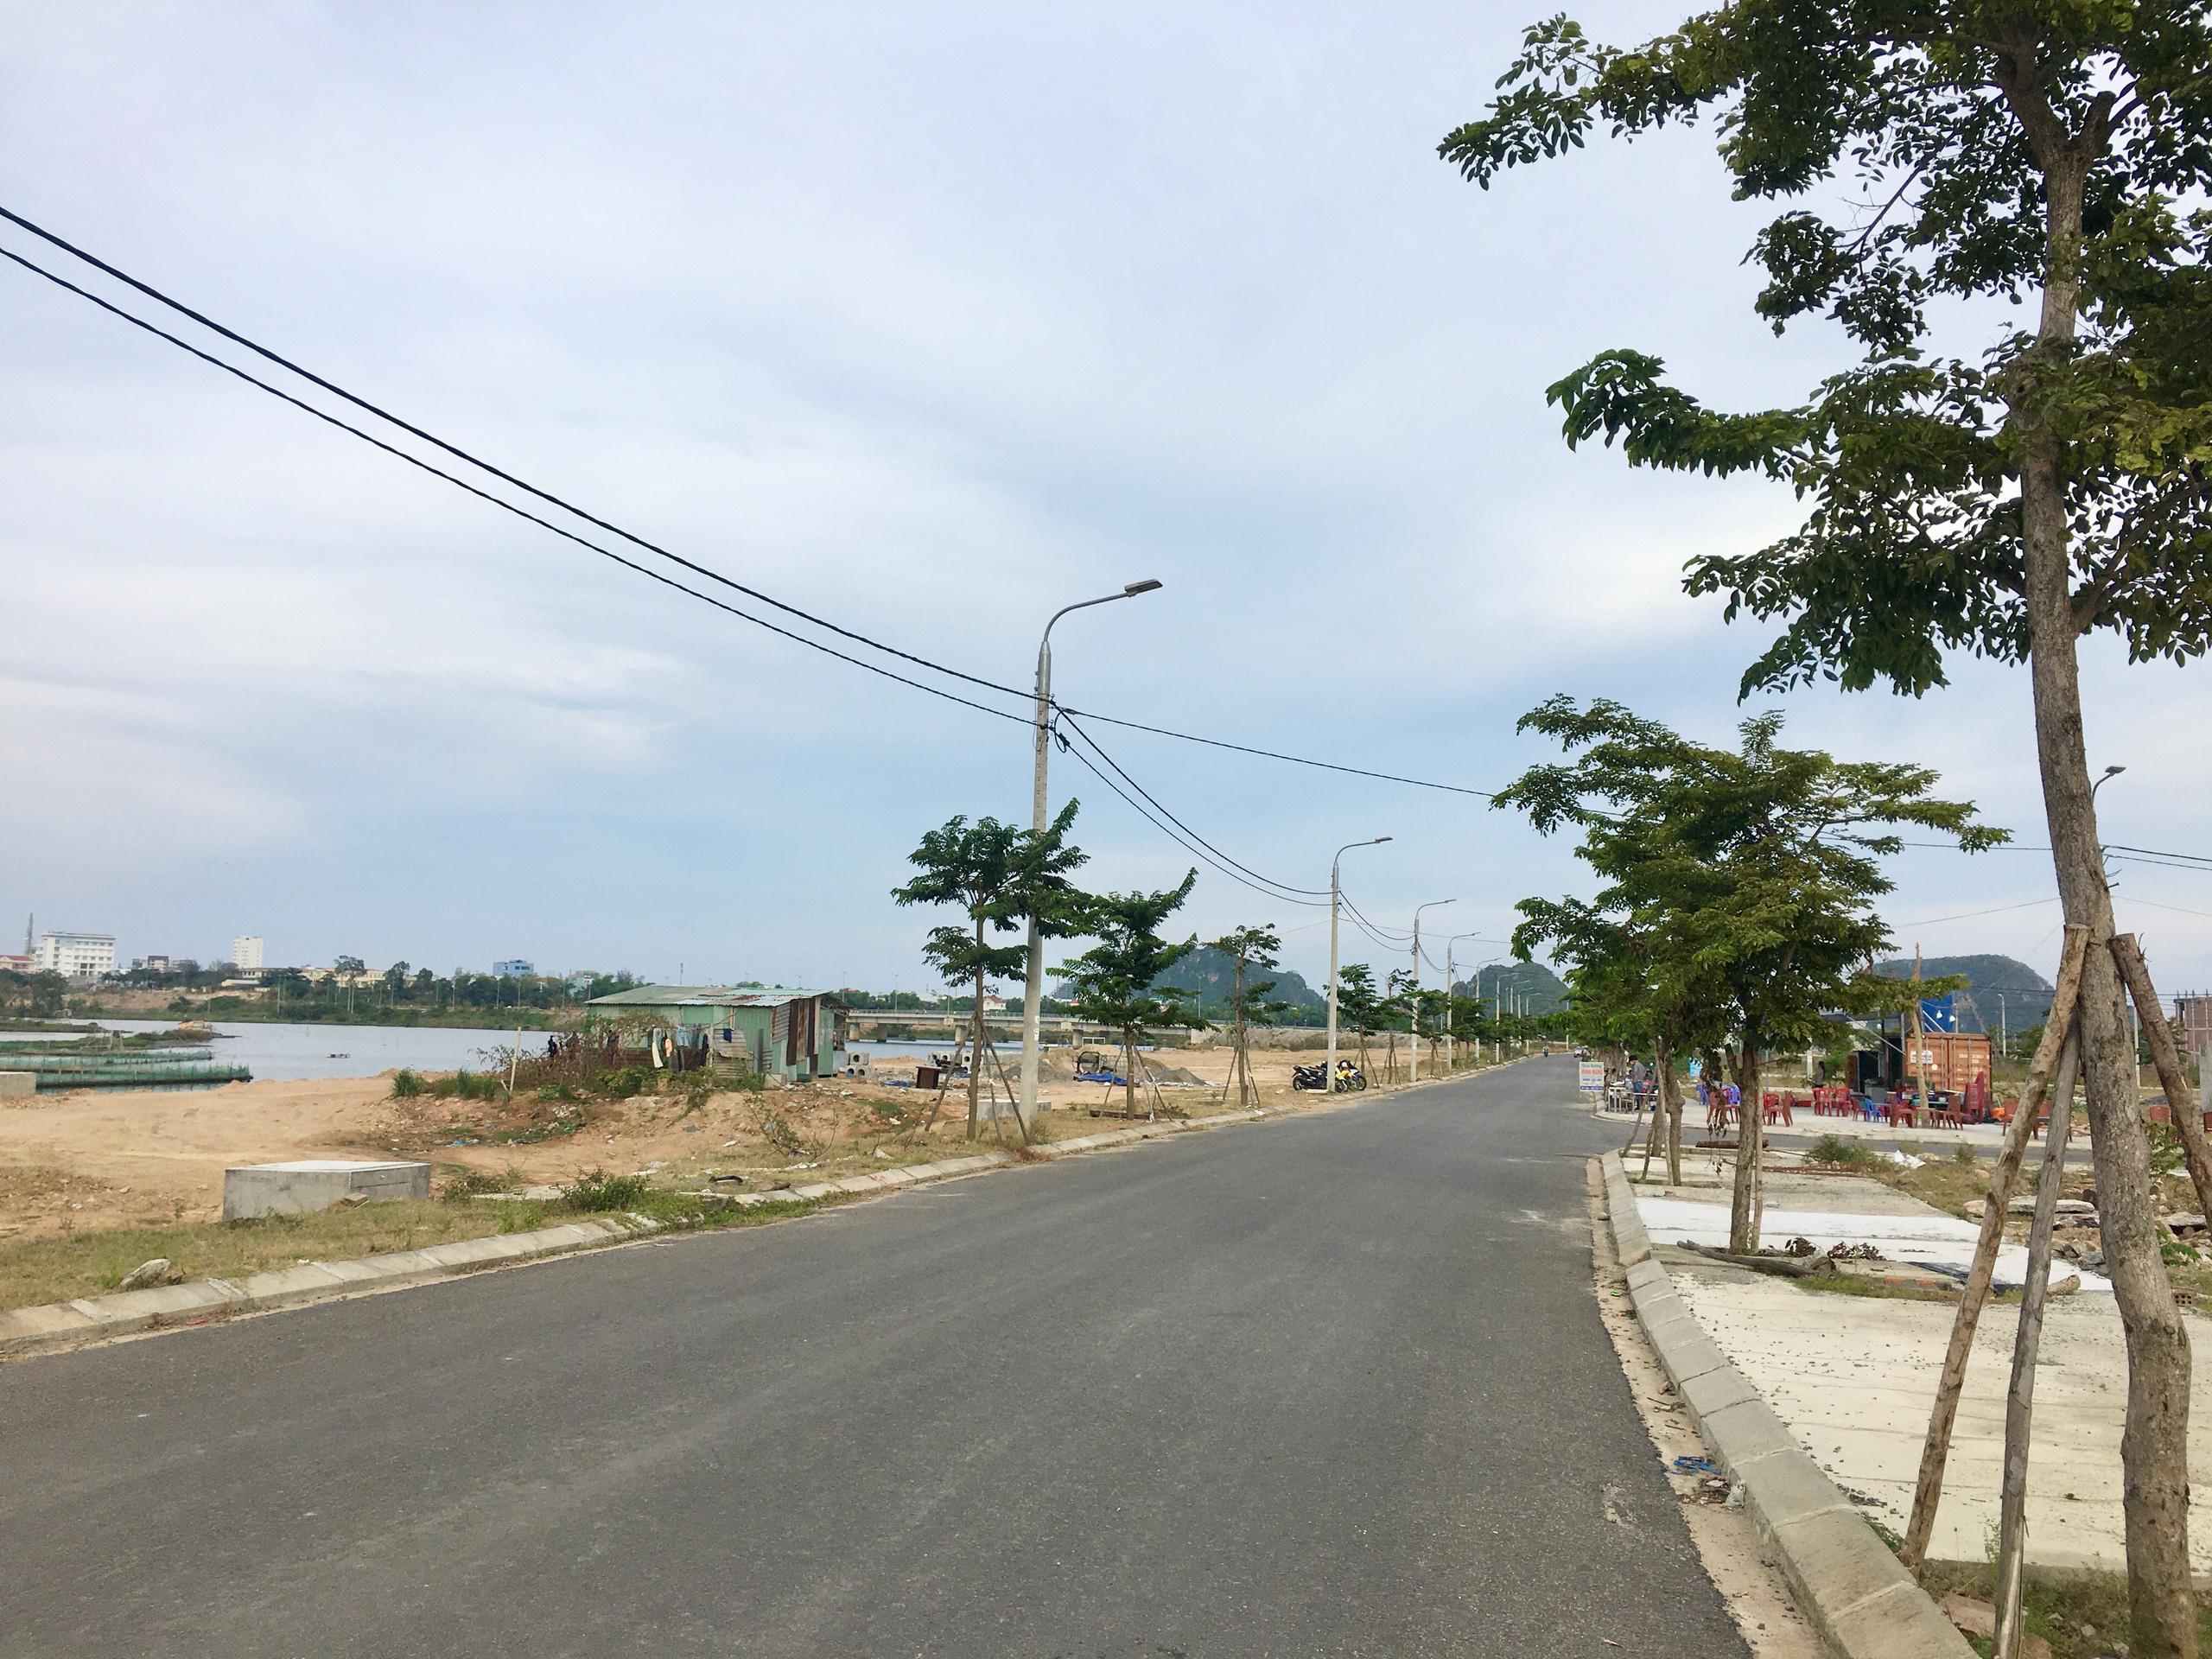 Doanh nghiệp đang nắm hơn 500 ha đất lớn nhất Đà Nẵng làm khu đô thị - Ảnh 2.